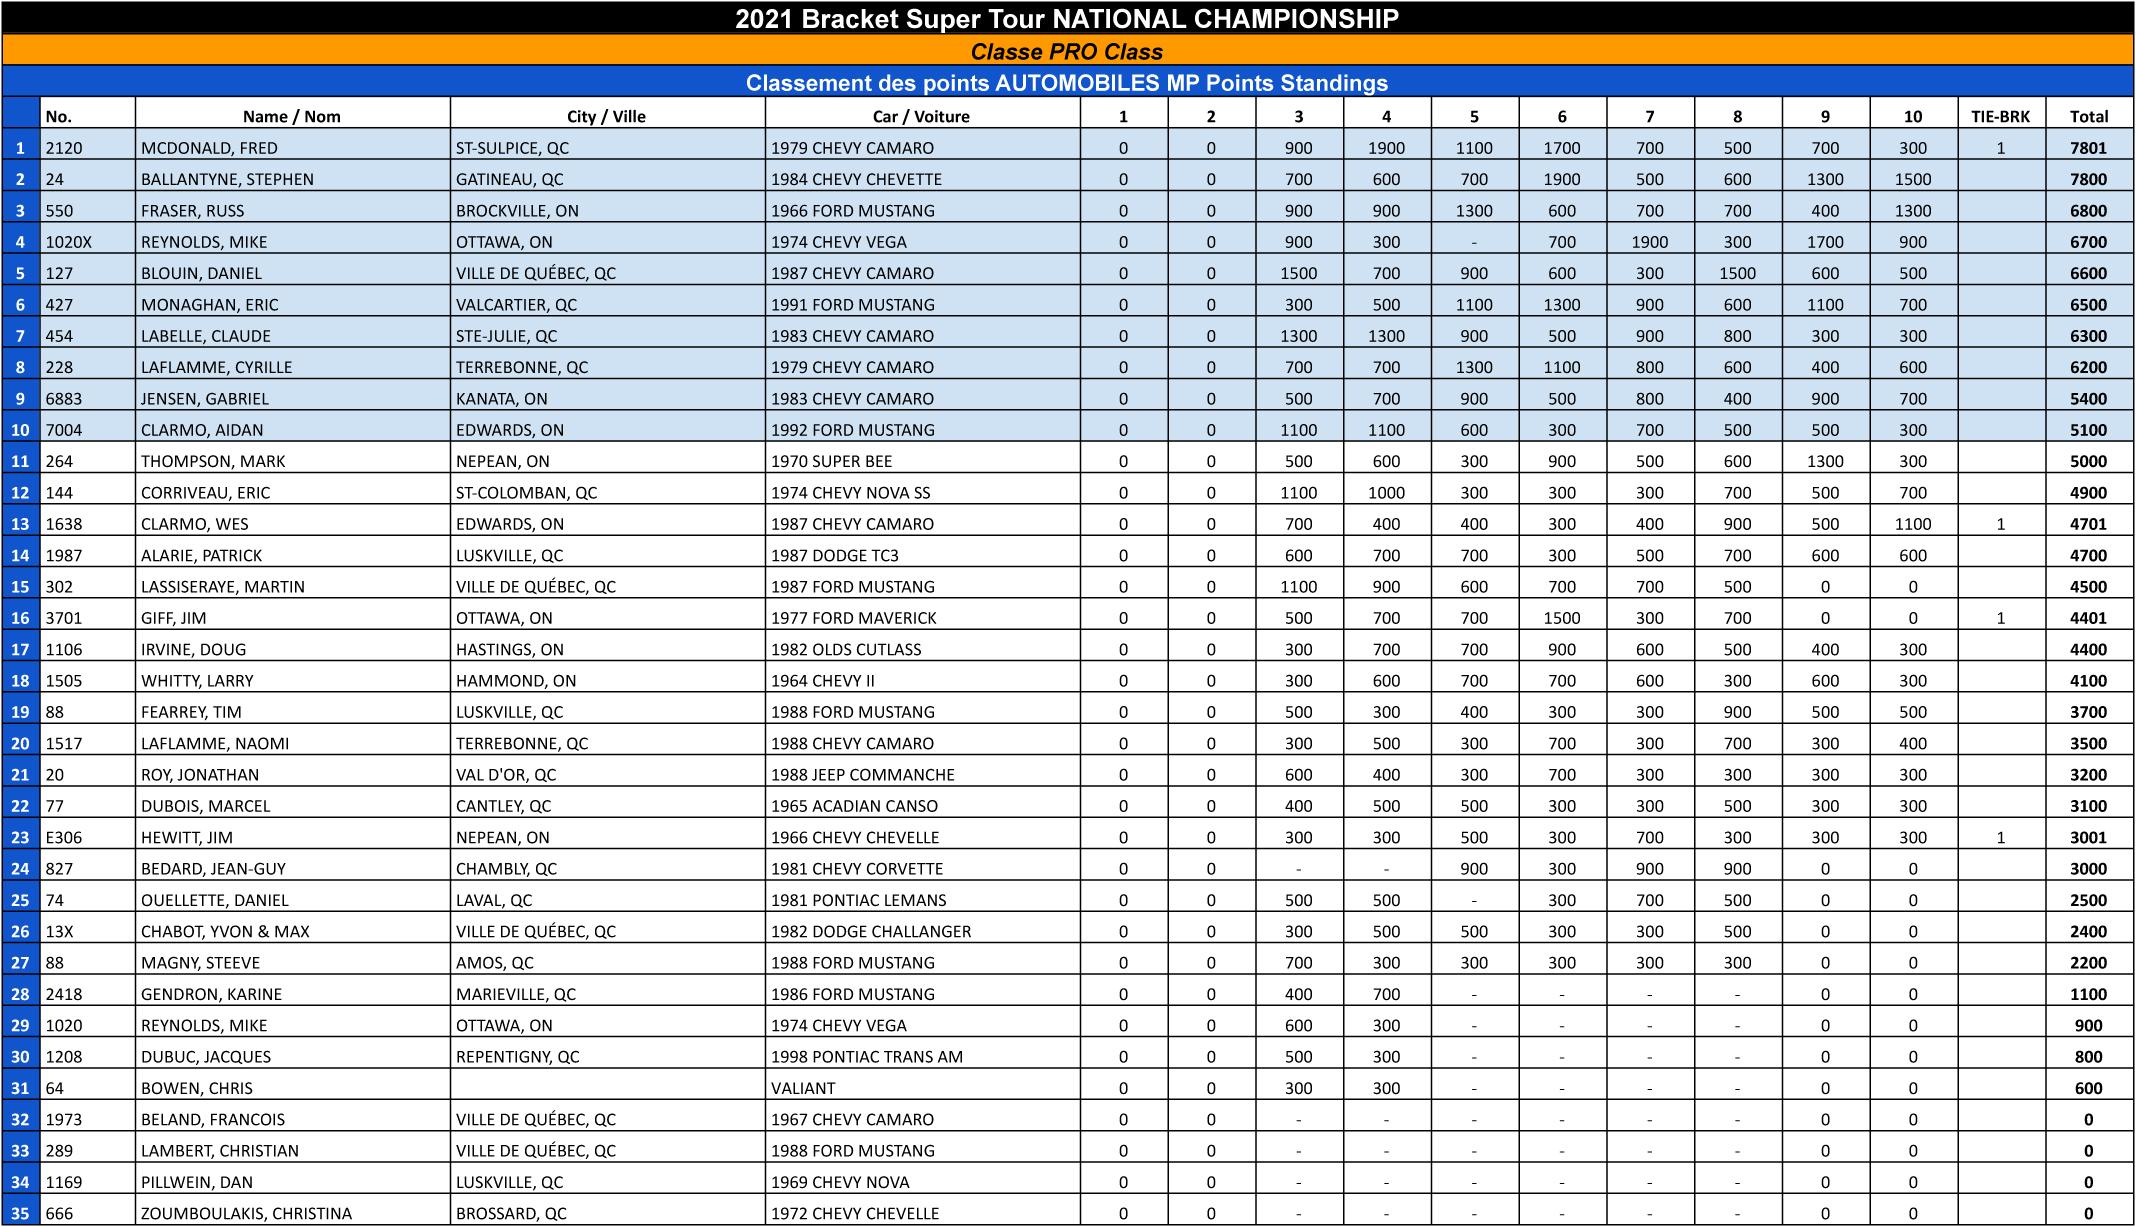 Bracket Super Tour - 2021 Pro Points Standings FINAL